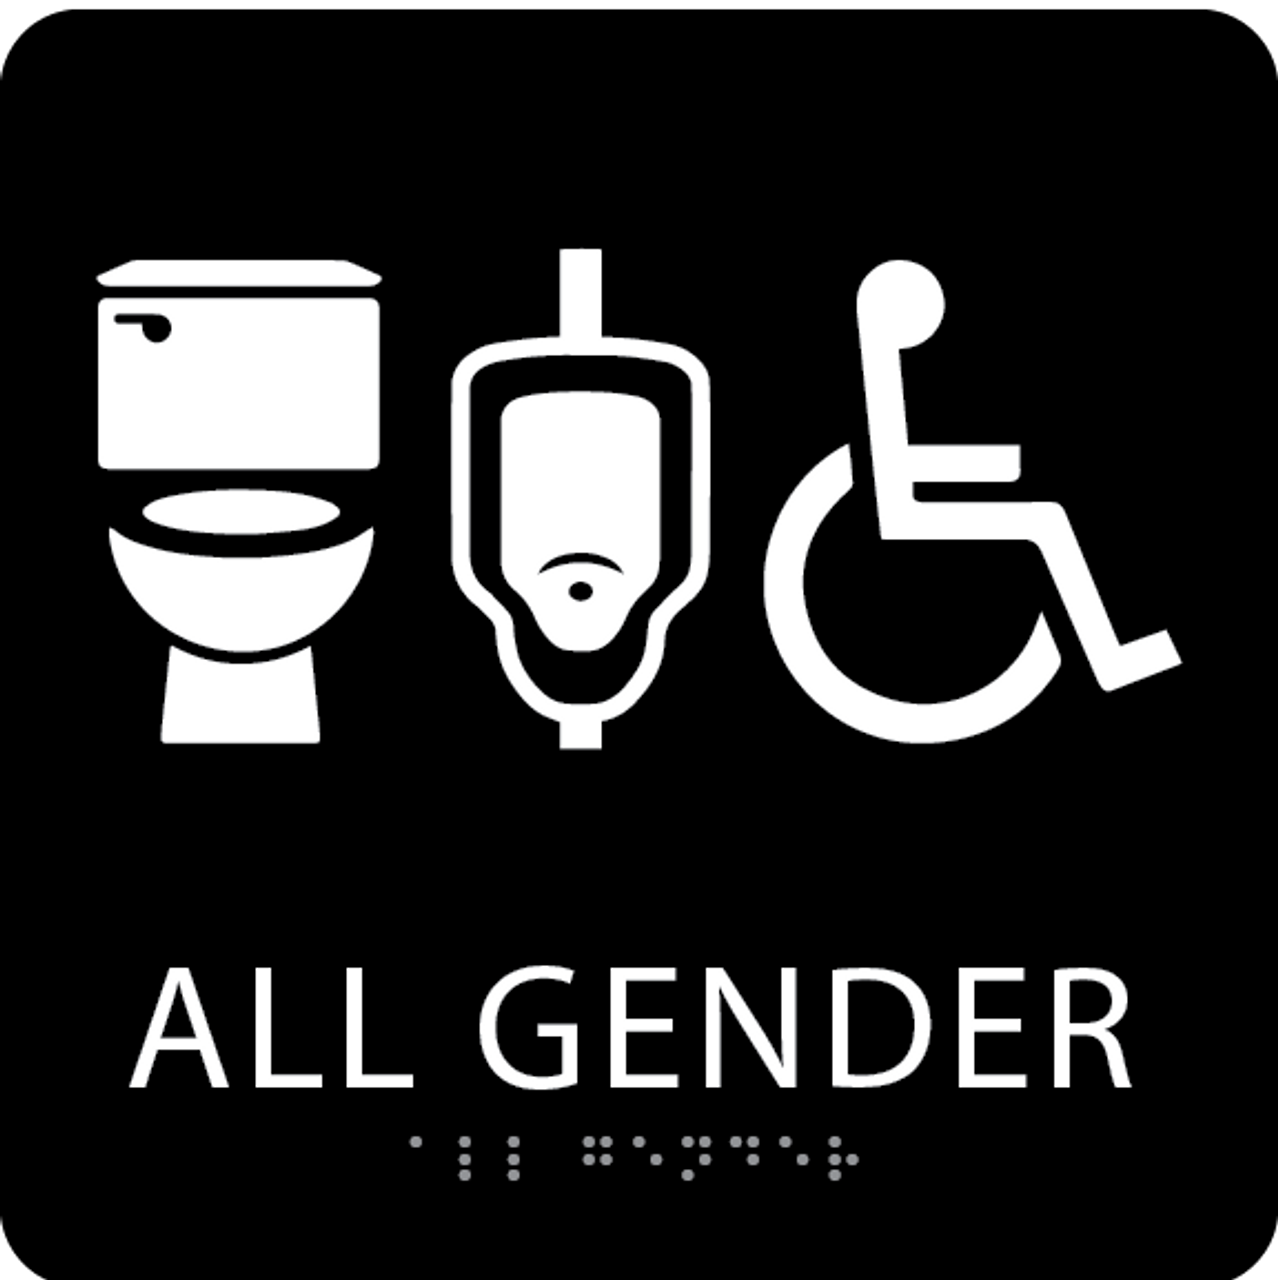 Black All Gender Neutral Restroom Sign